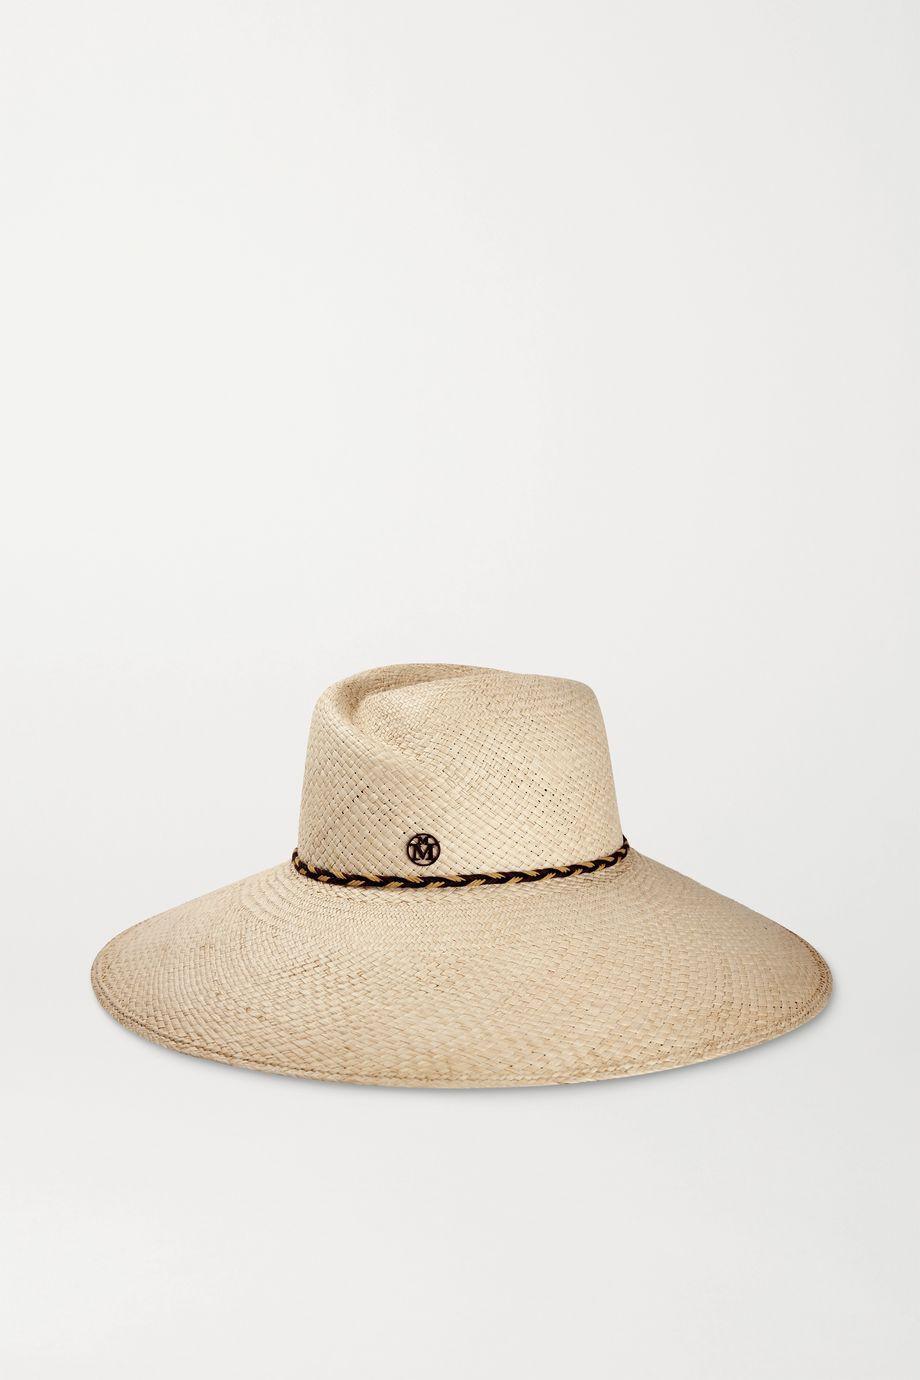 Maison Michel Big Virginie leather-trimmed straw hat